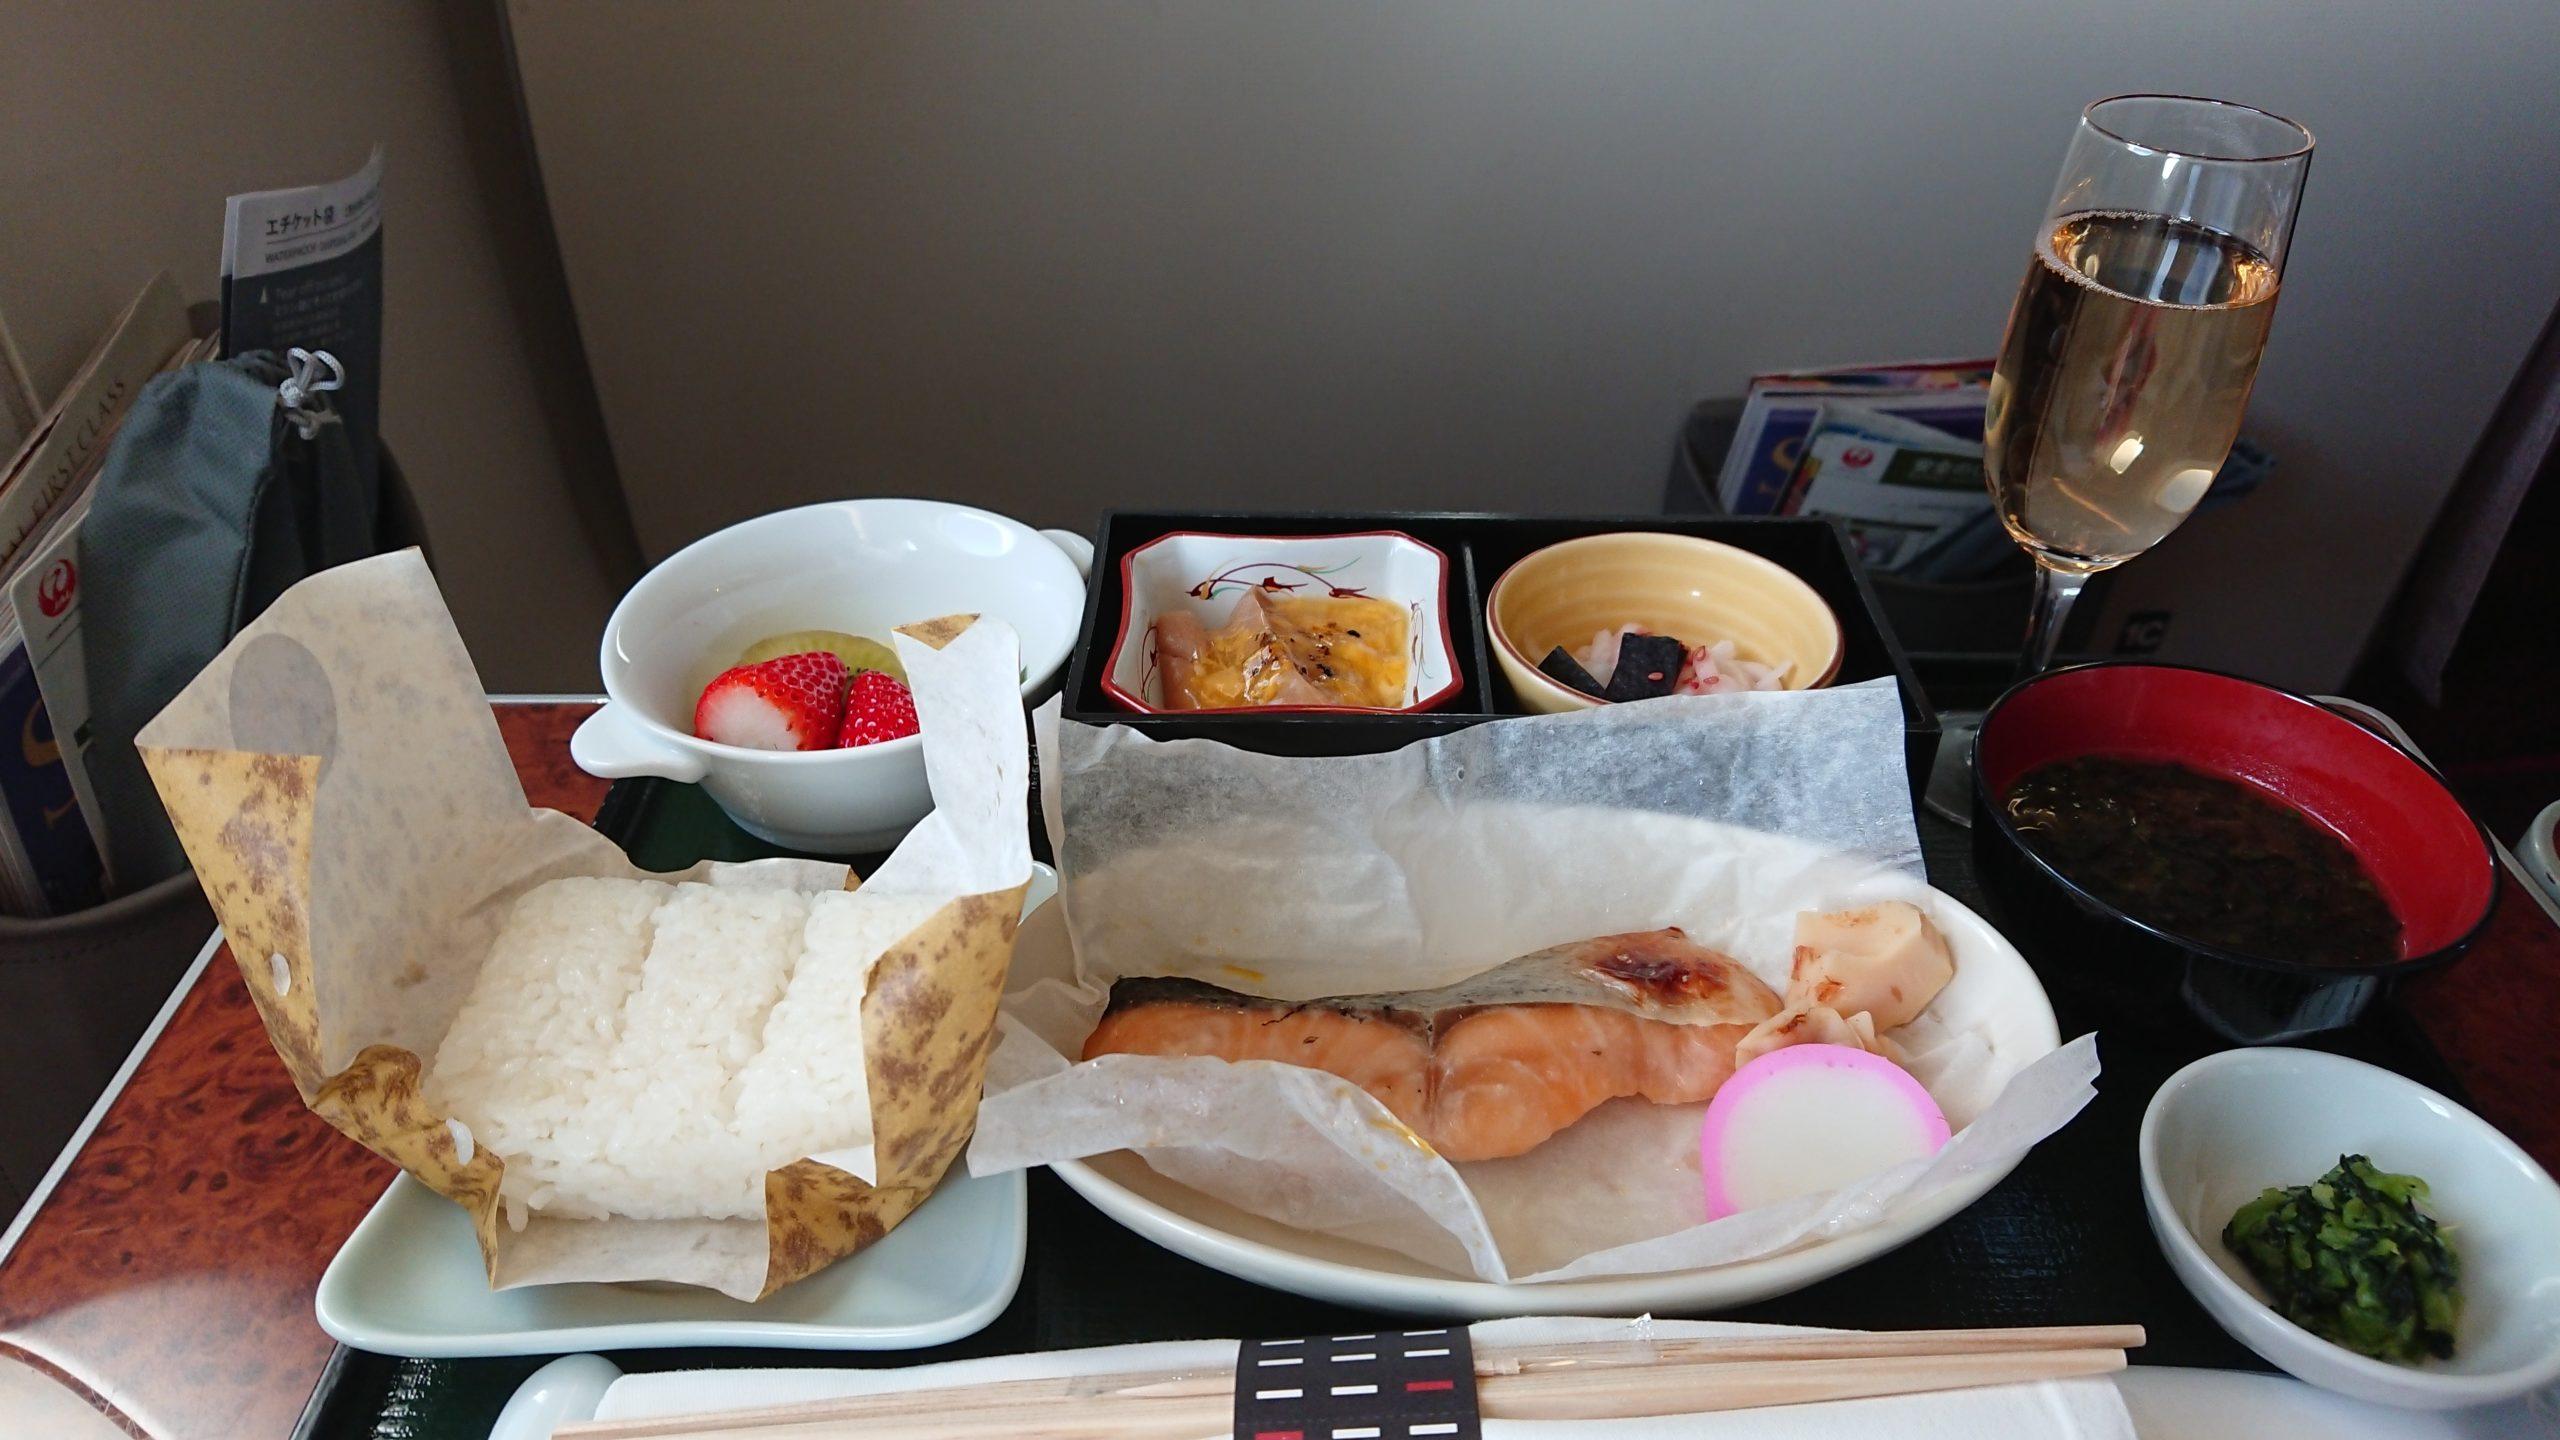 JAL JL908 19FEB19 ファーストクラス 機内食